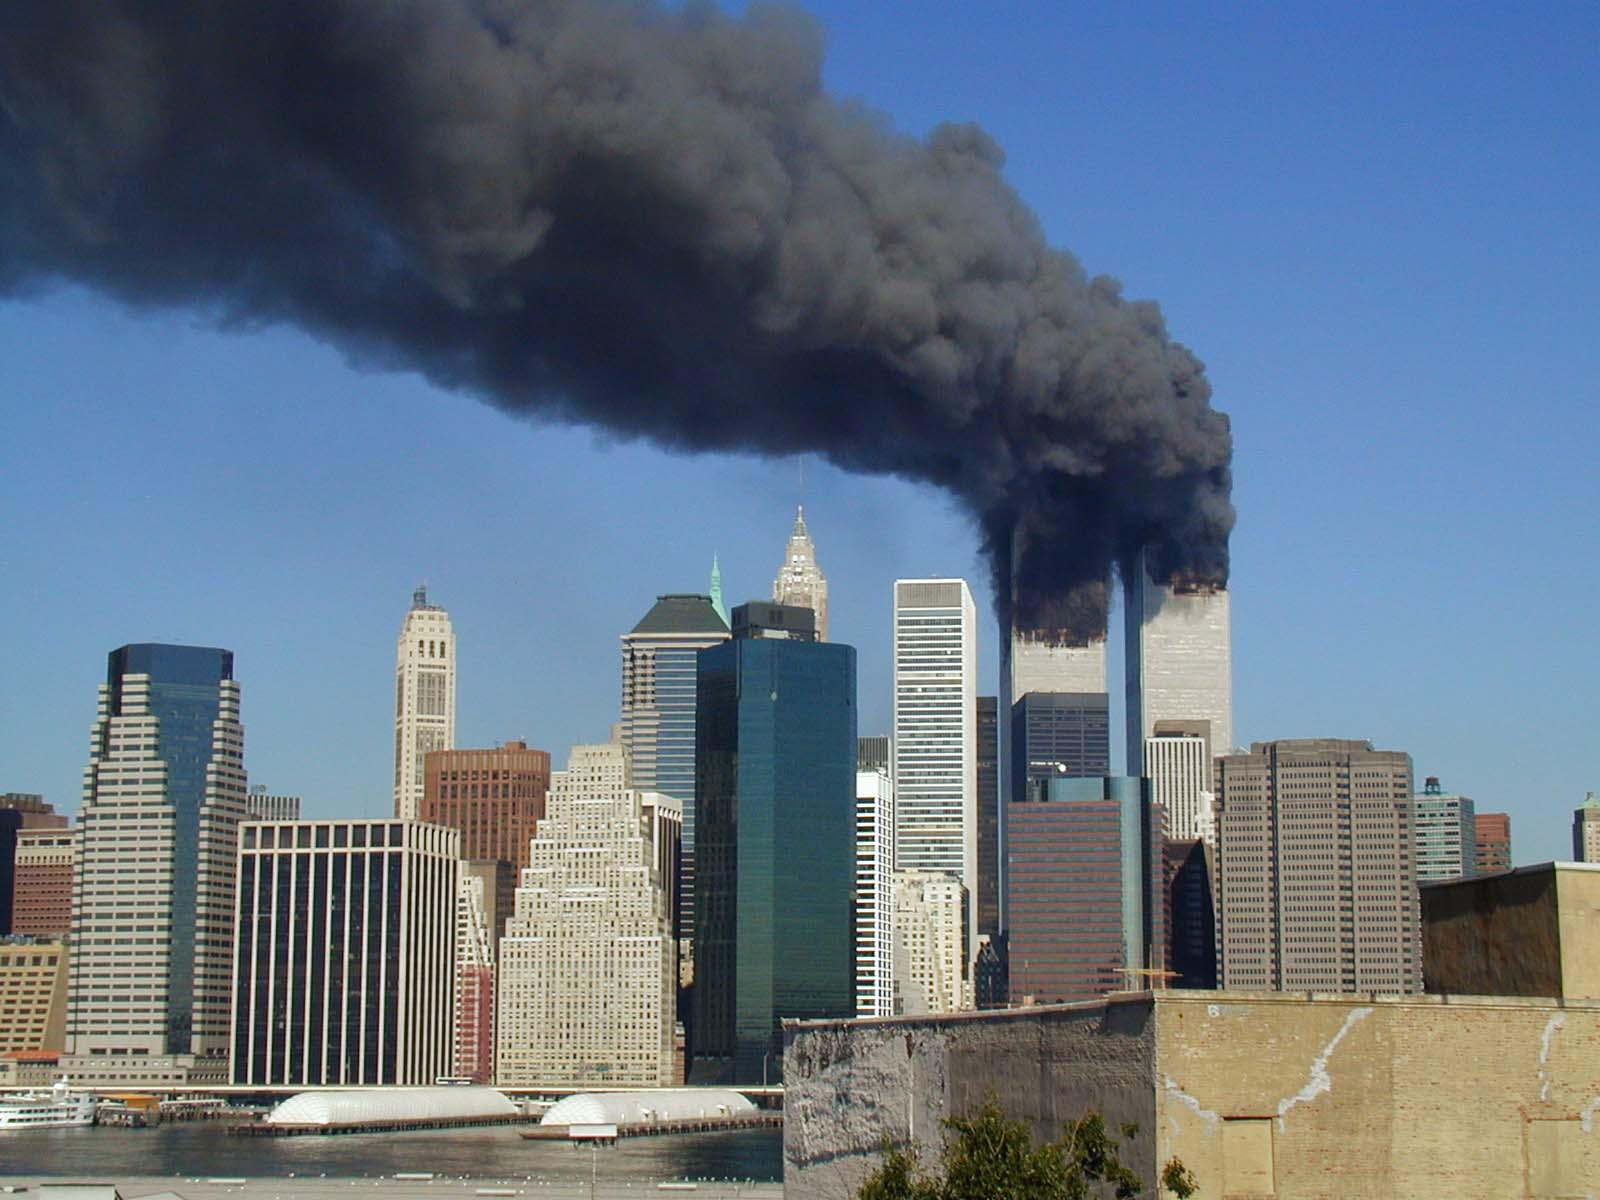 19 Years ago: September 11